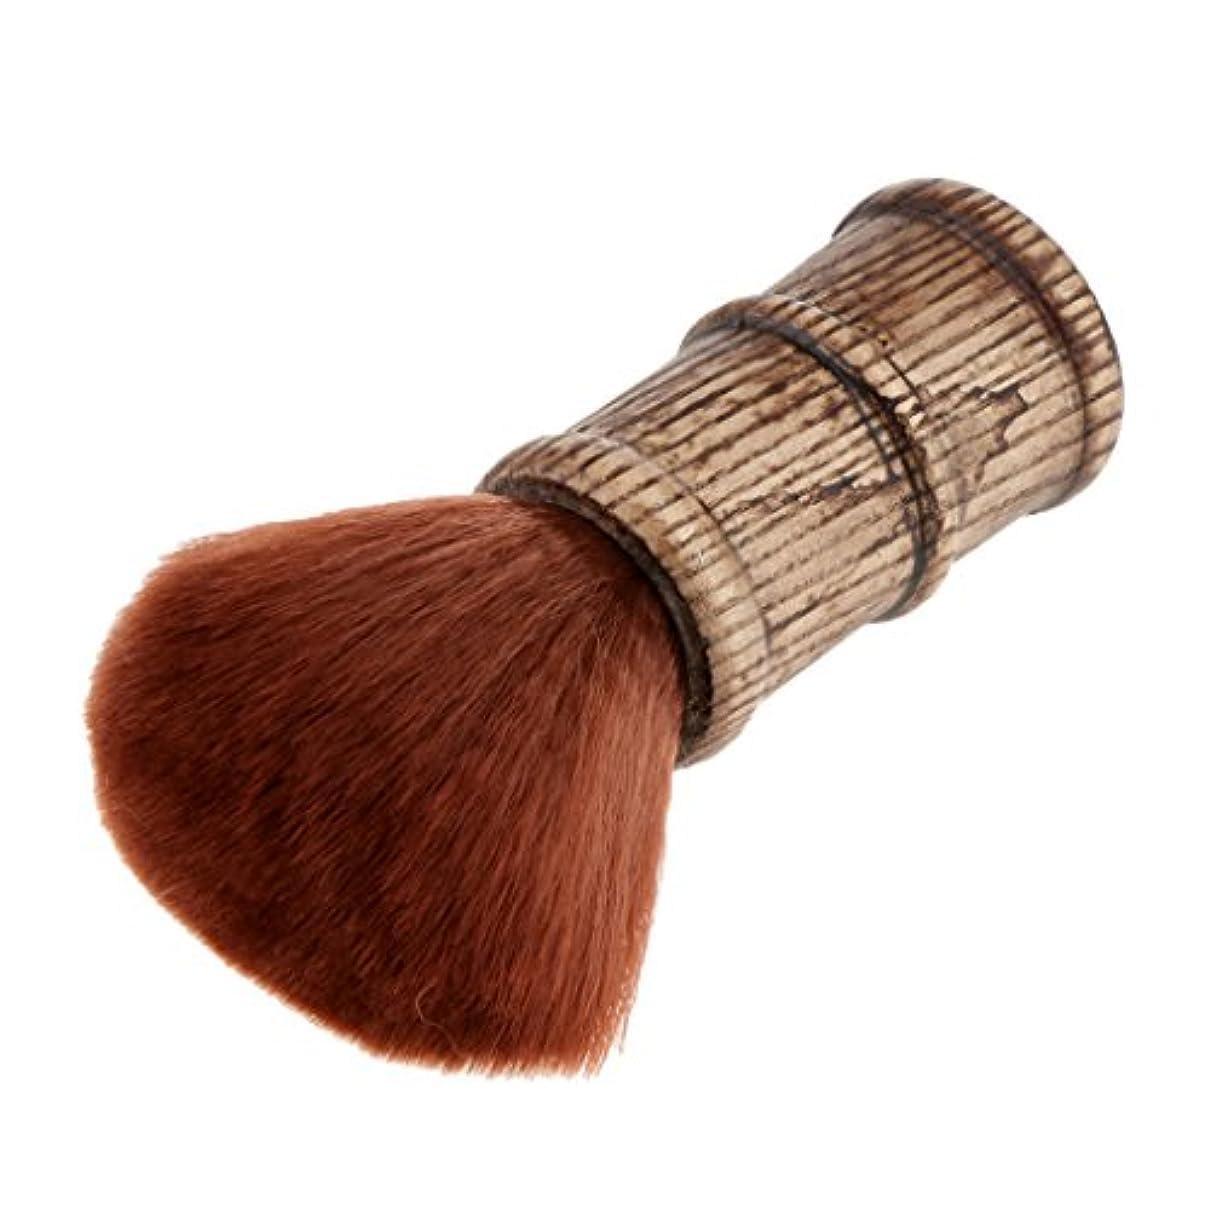 ステレオタイプ波請願者ヘアカット 散髪 ネックダスターブラシ ソフト クリーニングヘアブラシ ヘアスイープブラシ 2色選べる - 褐色